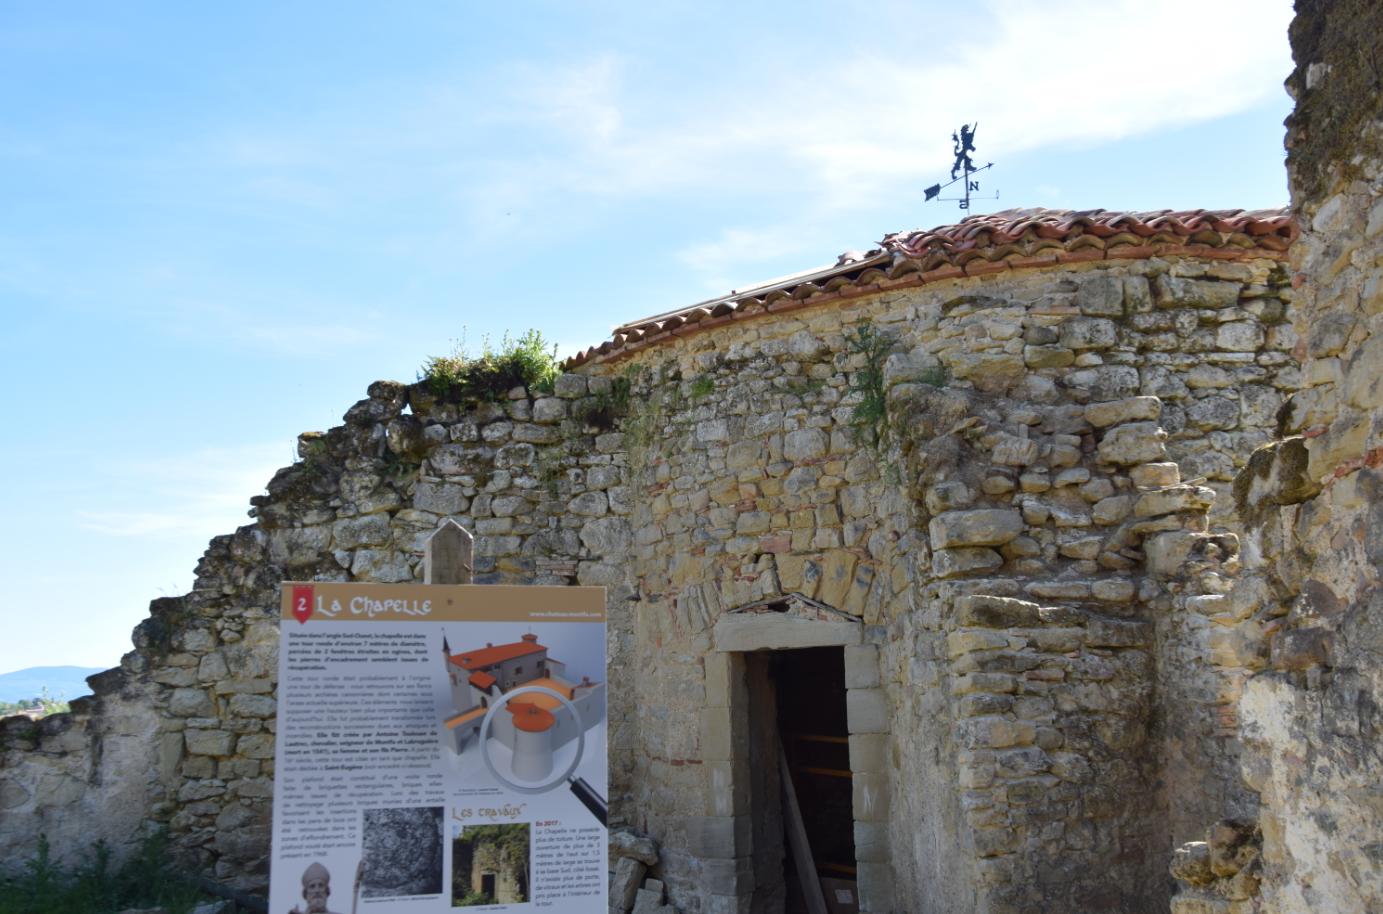 Chapelle du chateau de Montfa